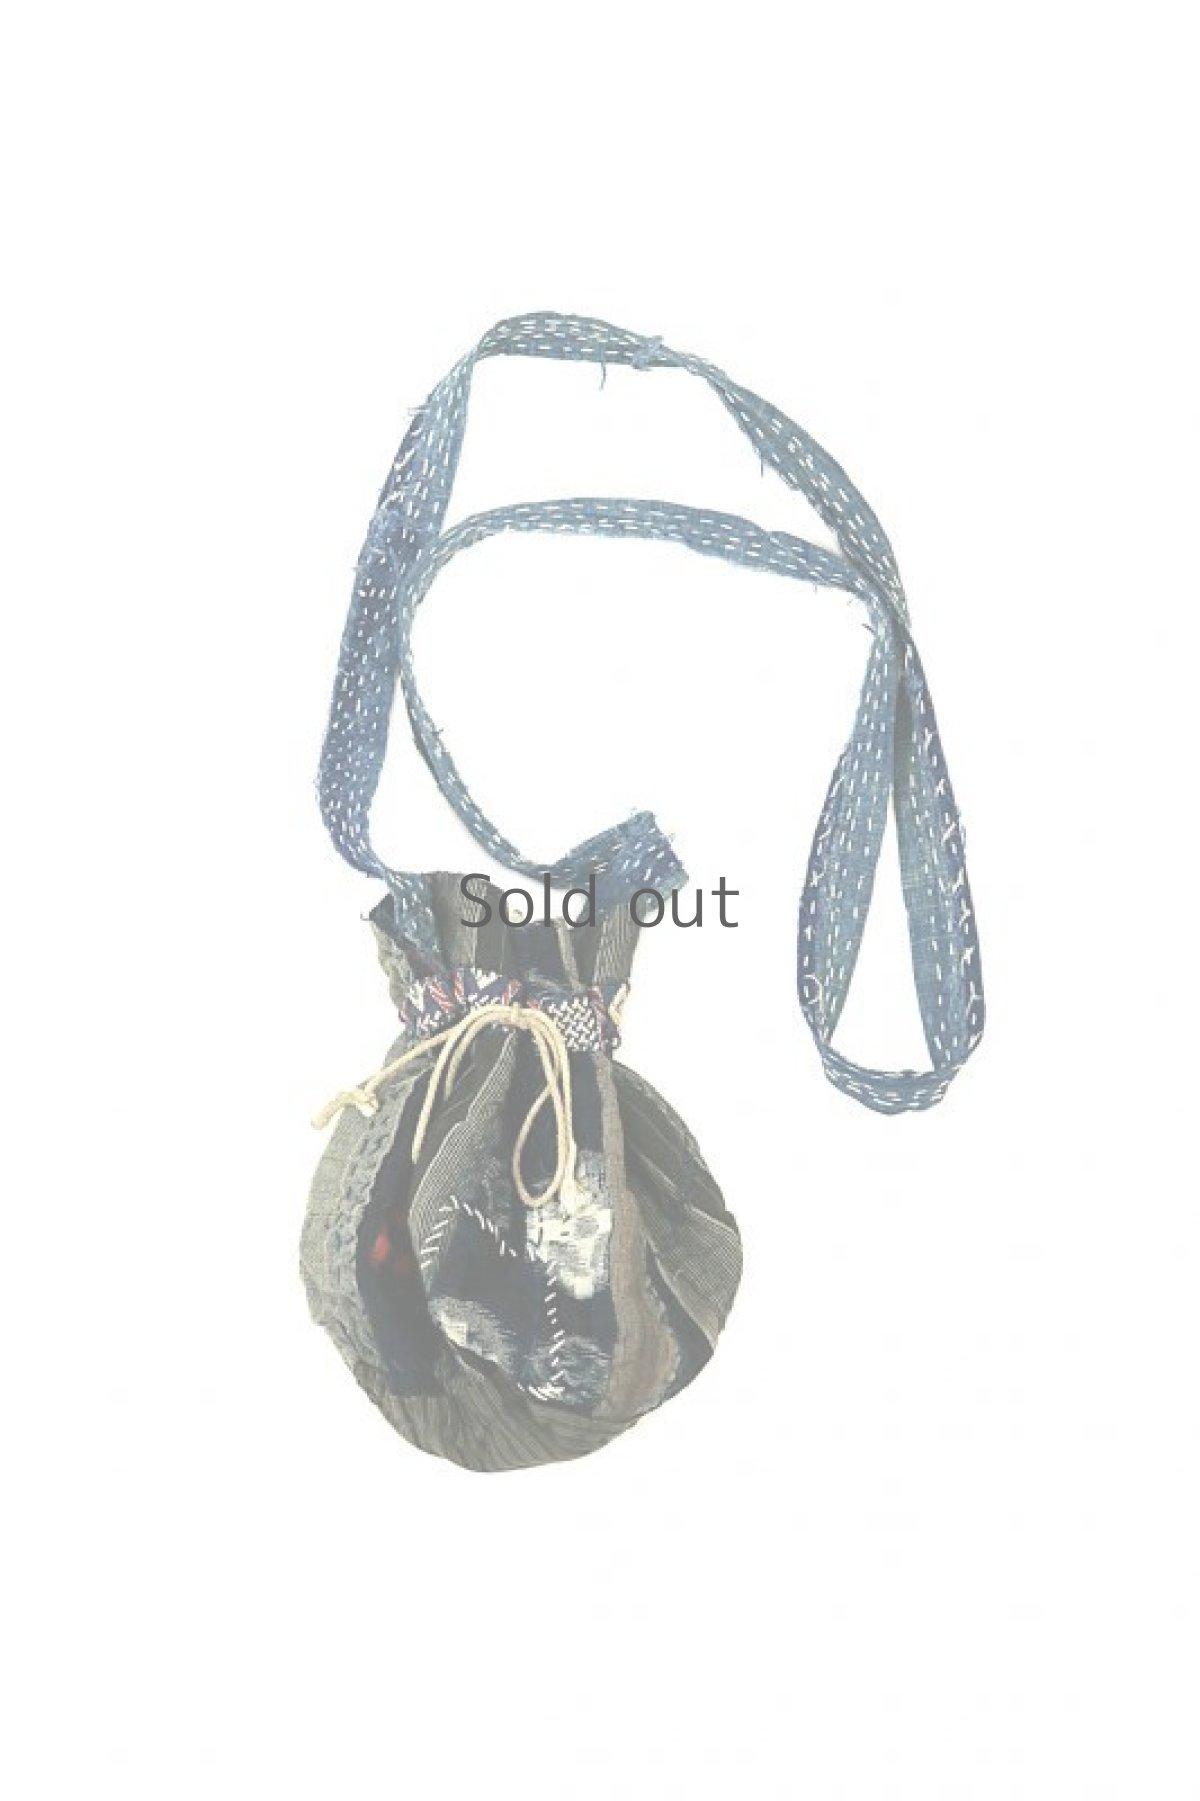 画像1: 【MITSUGU SASAKI】BORO古布 パッチワーク米袋の小さめリバーシブルショルダーバッグ (1)